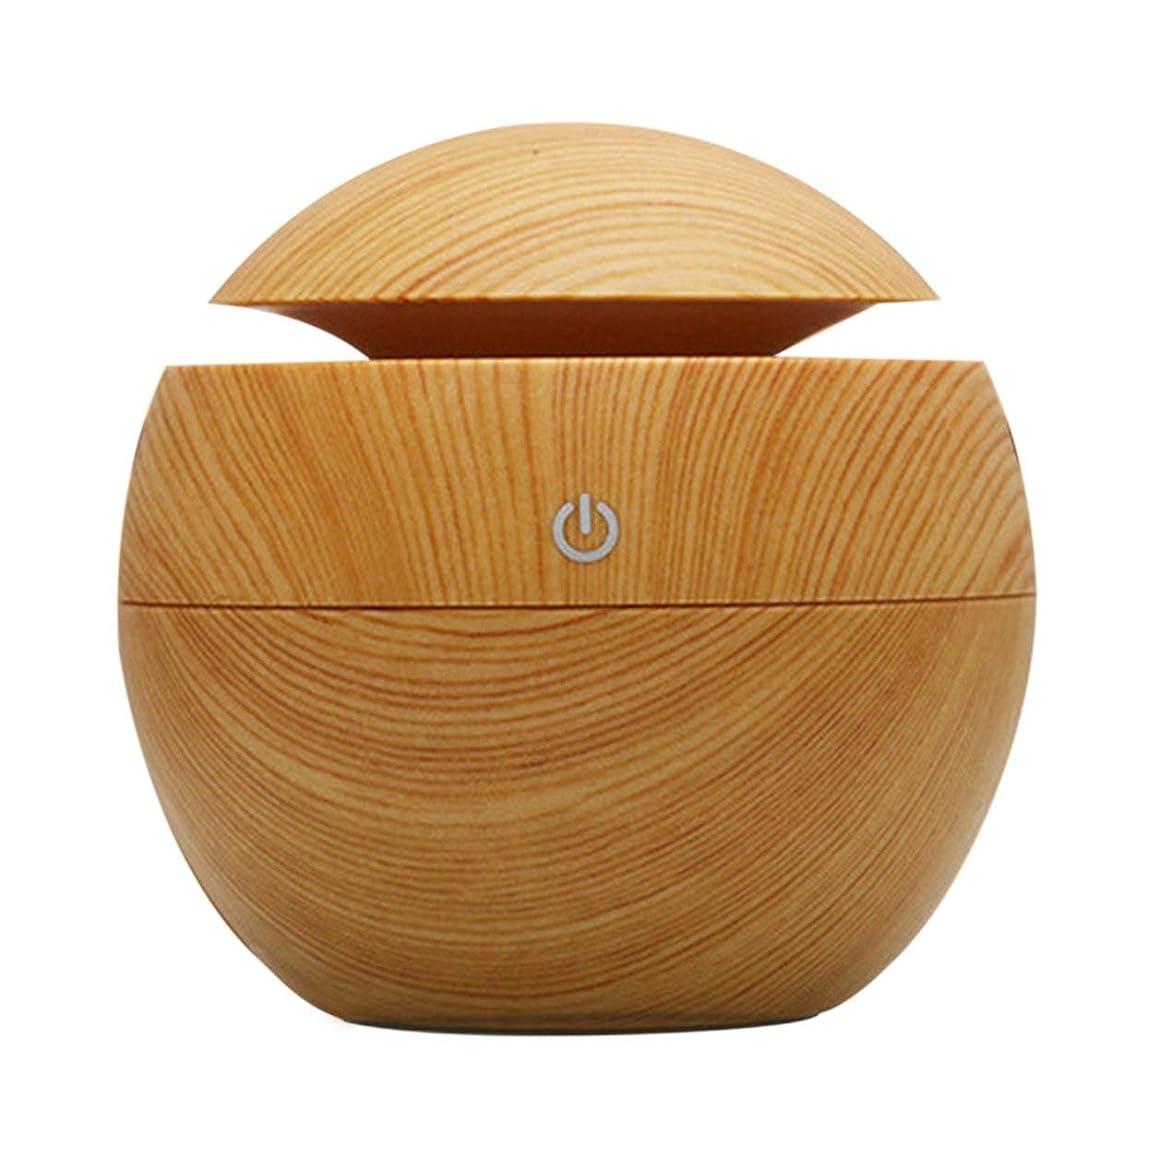 出席麻痺上向きSaikogoods 130mlのポータブルサイズの木製のホームオフィスアロマエッセンシャルオイルディフューザー超音波USB充電式ミスト加湿器 ライトウッドカラー